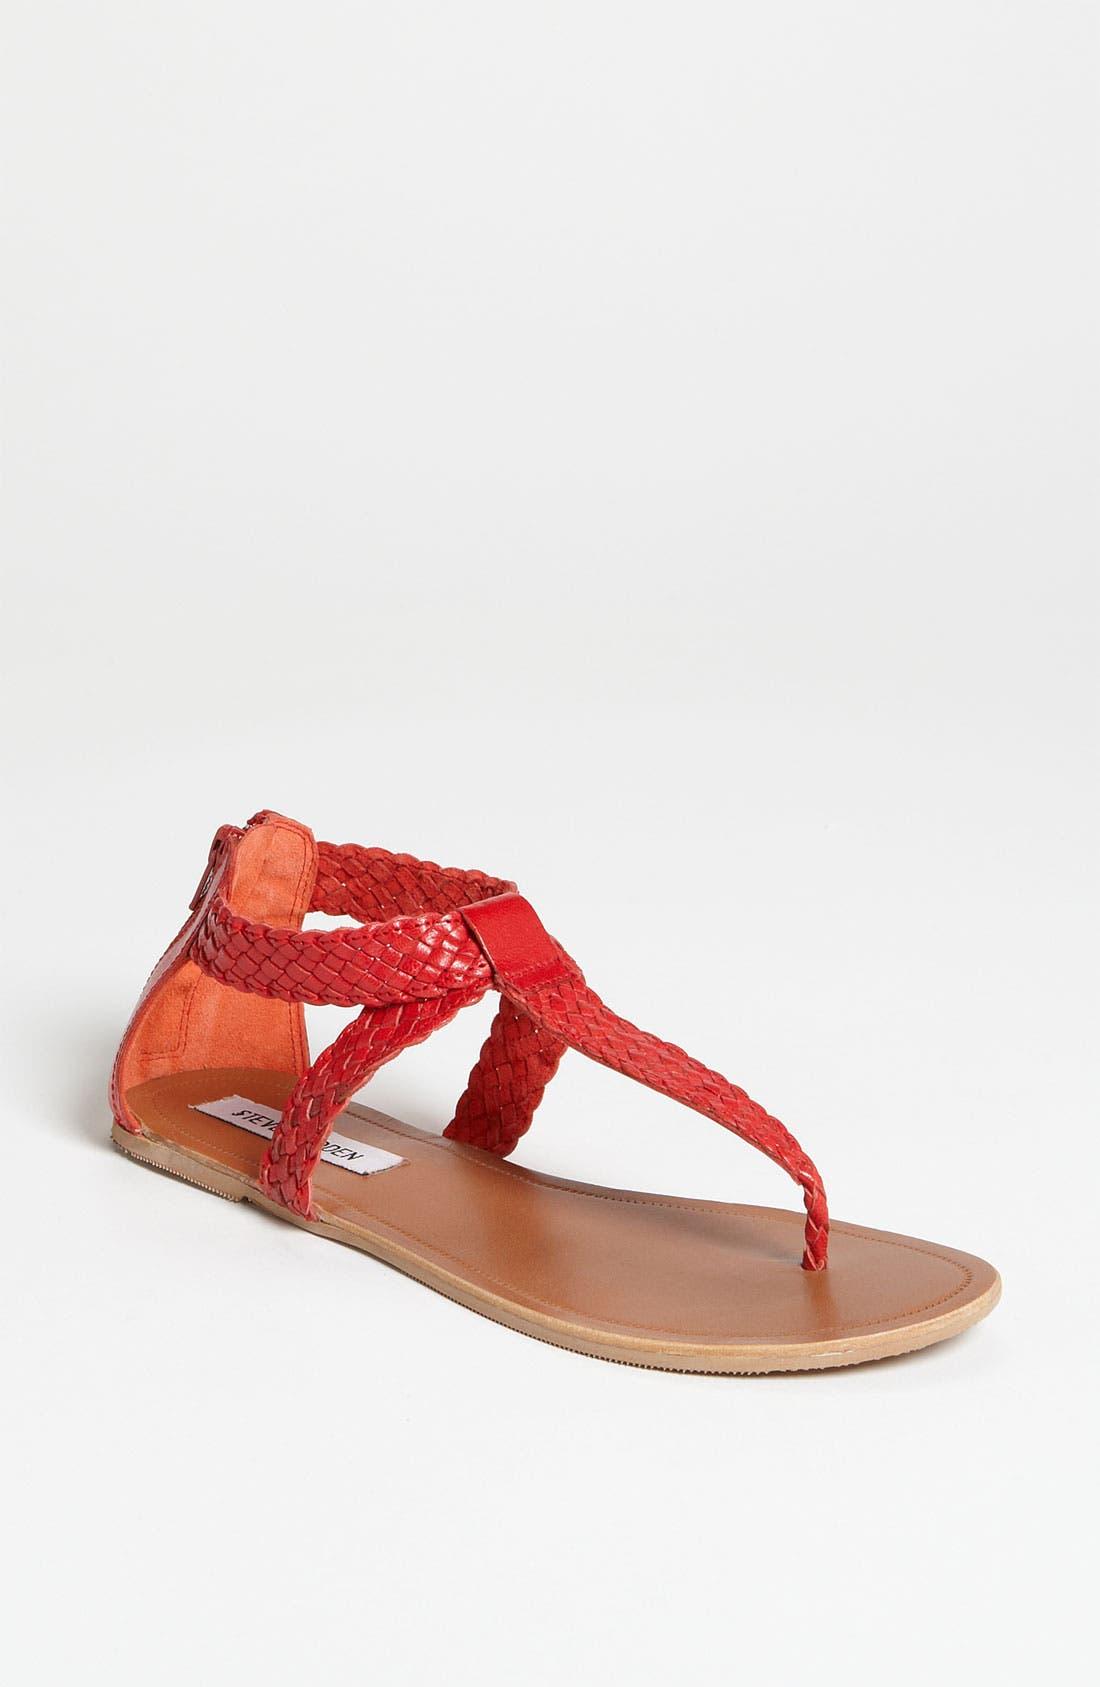 Alternate Image 1 Selected - Steve Madden 'Pressto' Sandal